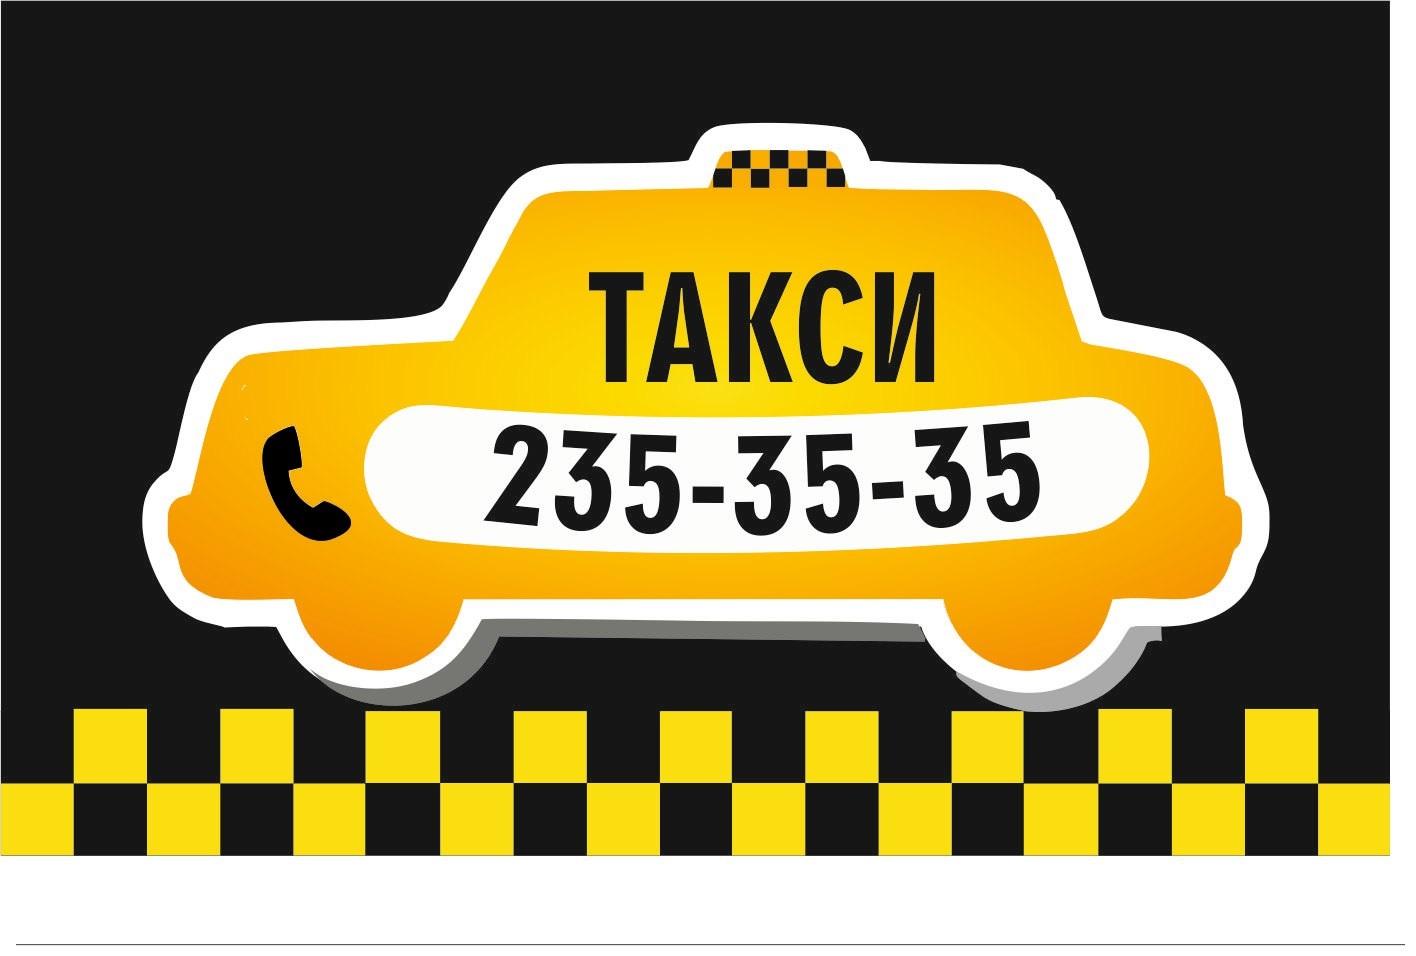 картинка вызови мне такси это, много времени